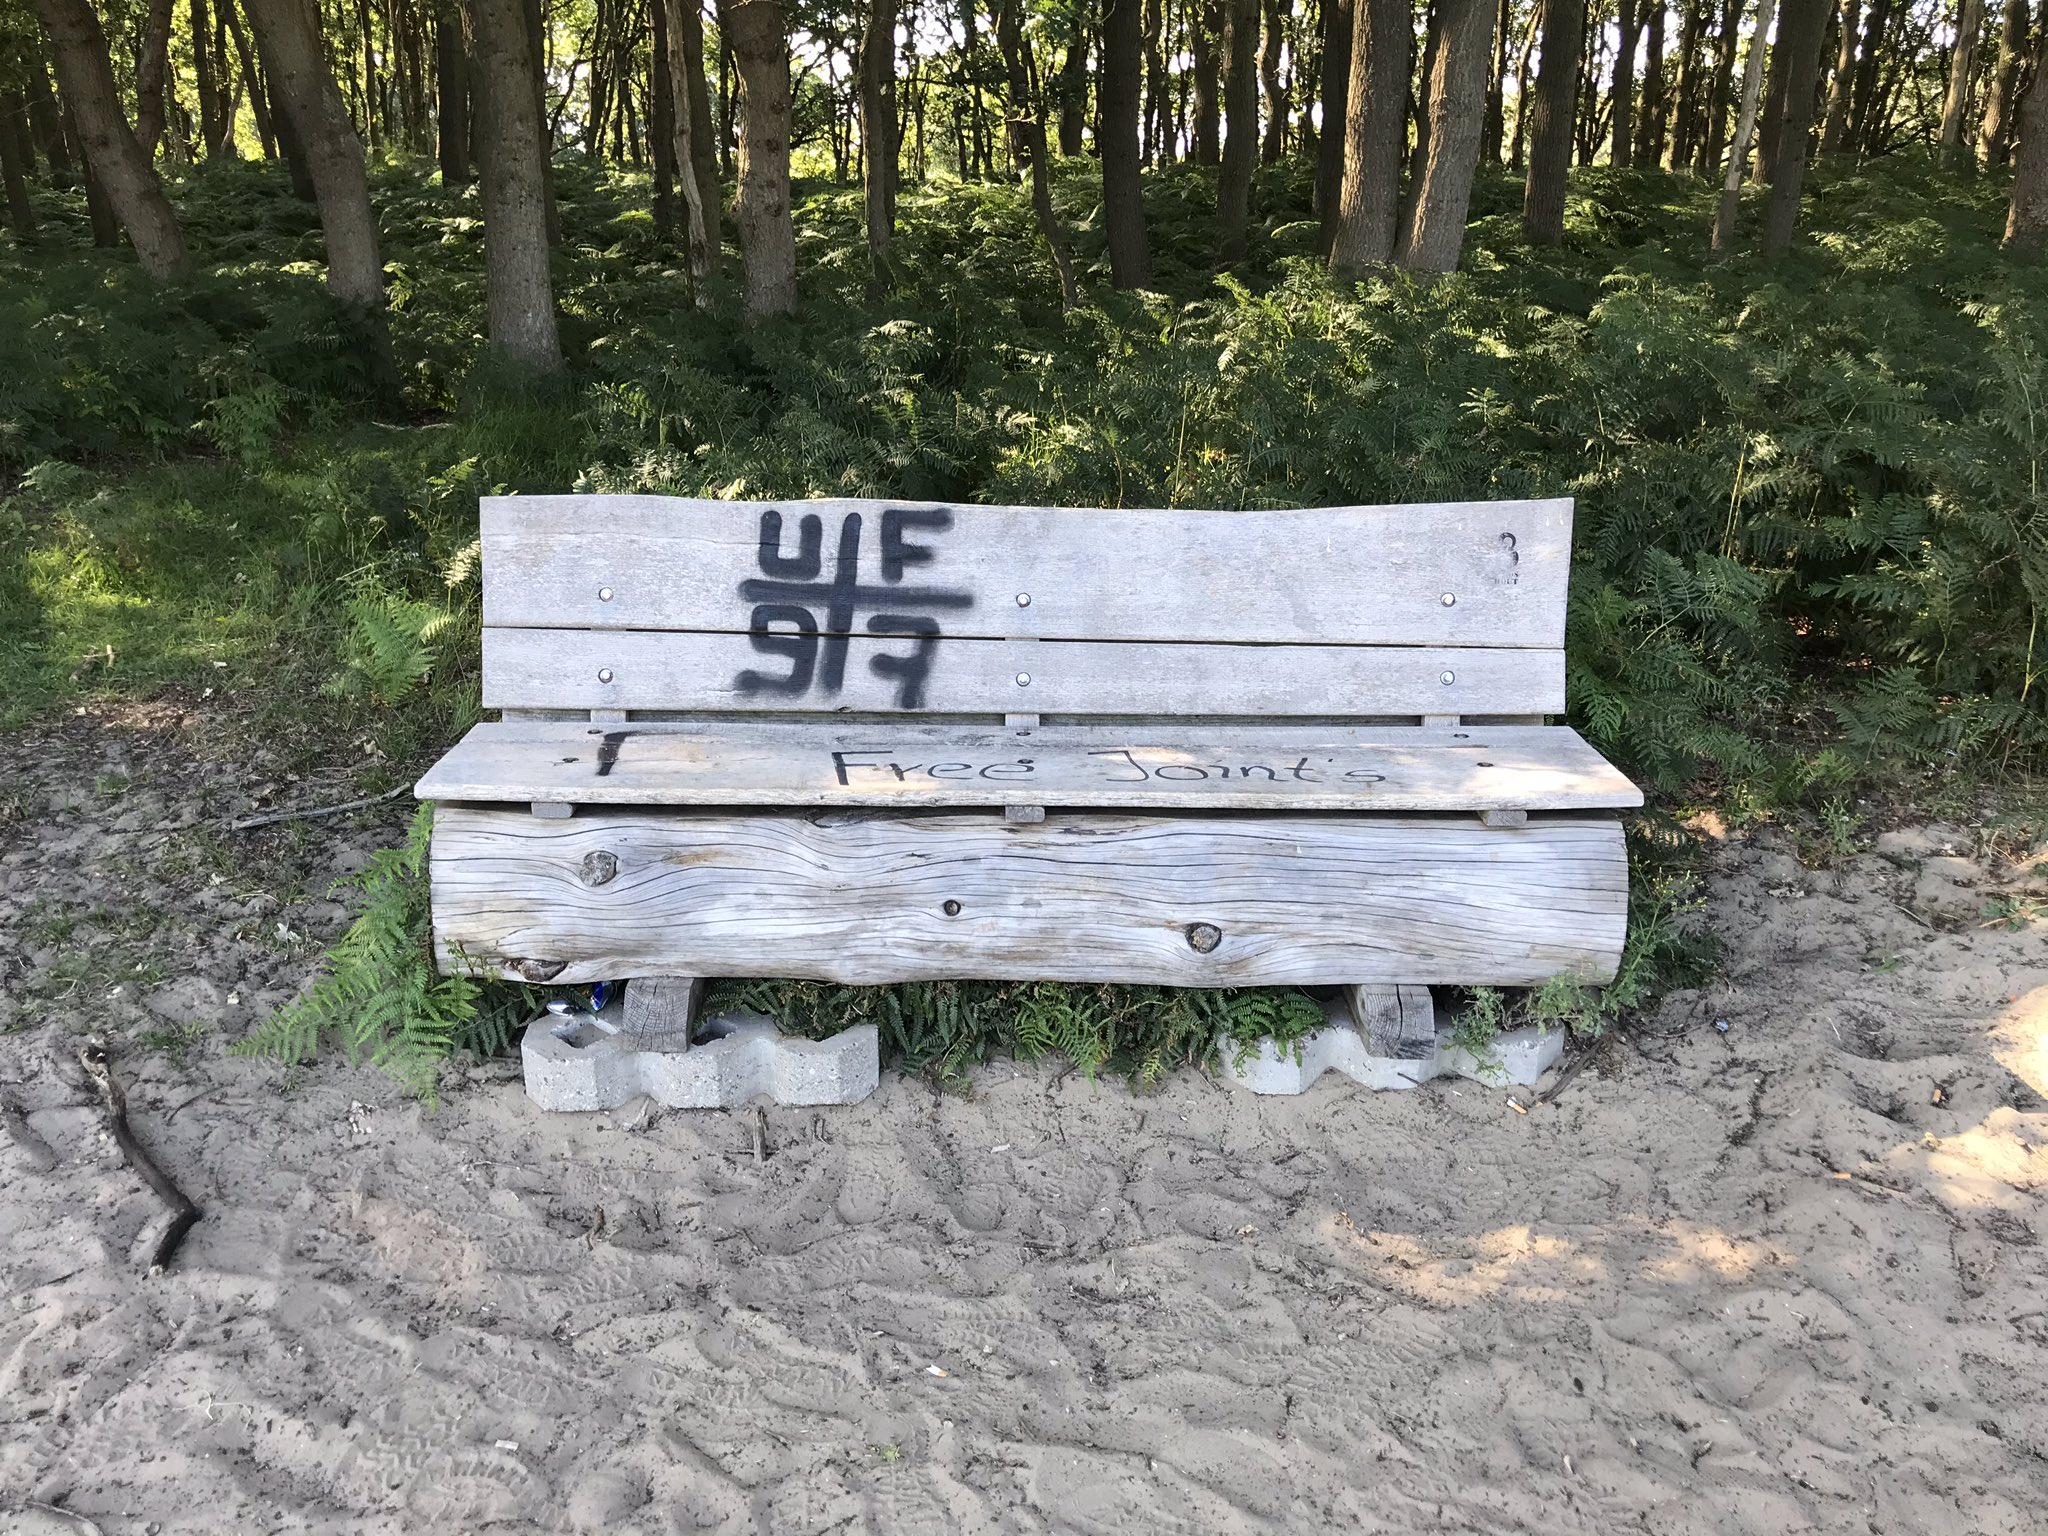 rt-boerleen-een-wandelbankje-met-grafitti-in-de-amsterdamse-waterleidingduinen-duinen-wandelbankjes-awd-https-t-co-govwrmi1n6